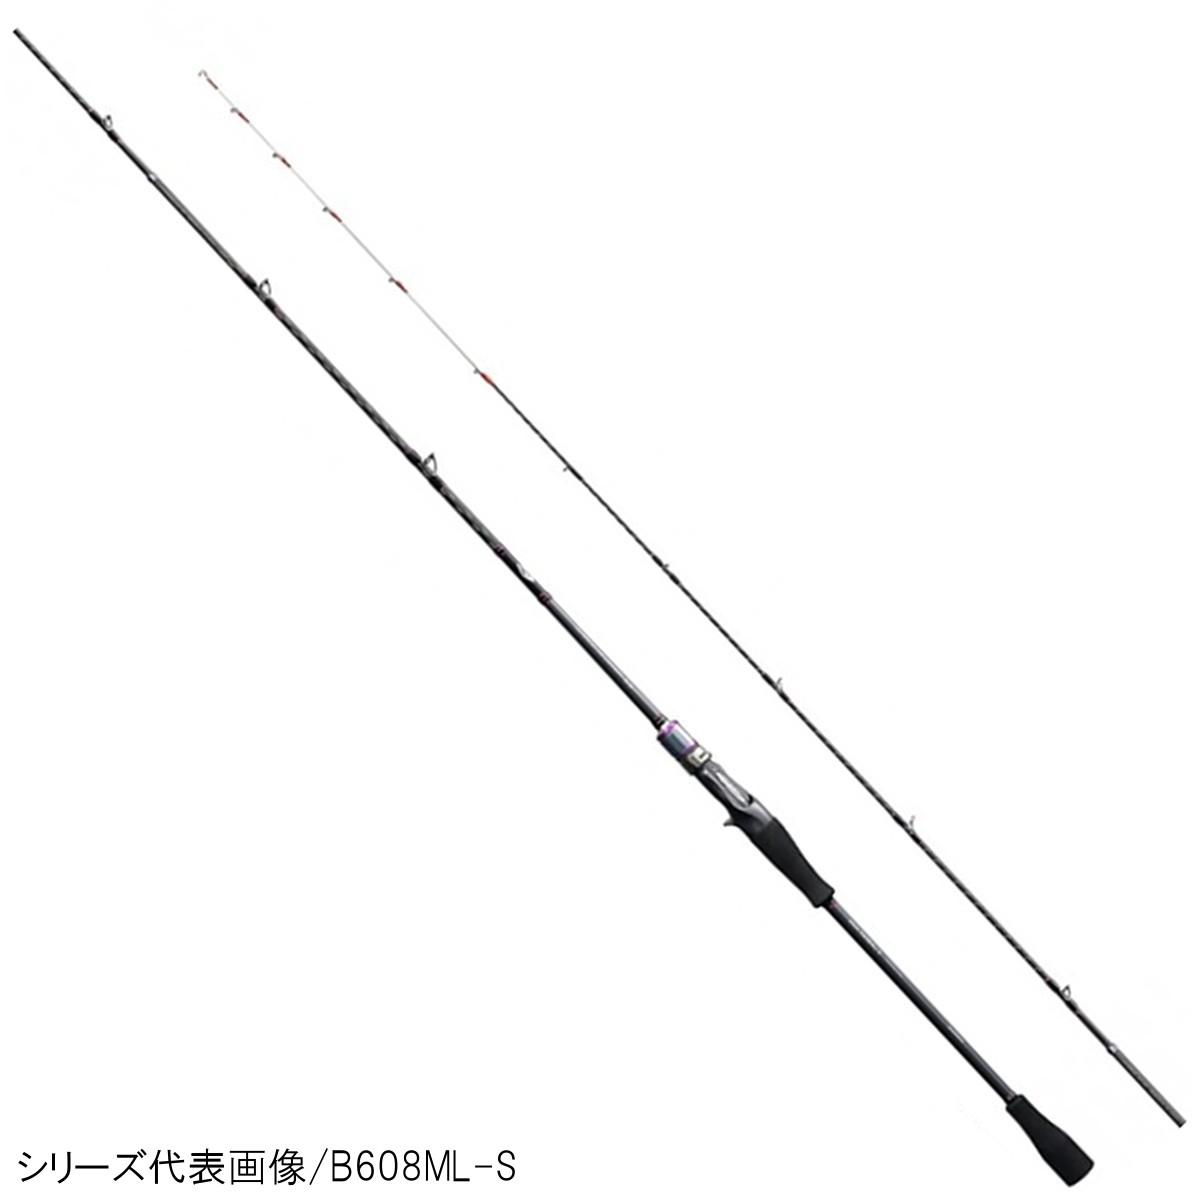 シマノ サーベルマスター SS スティック B608M-S【送料無料】